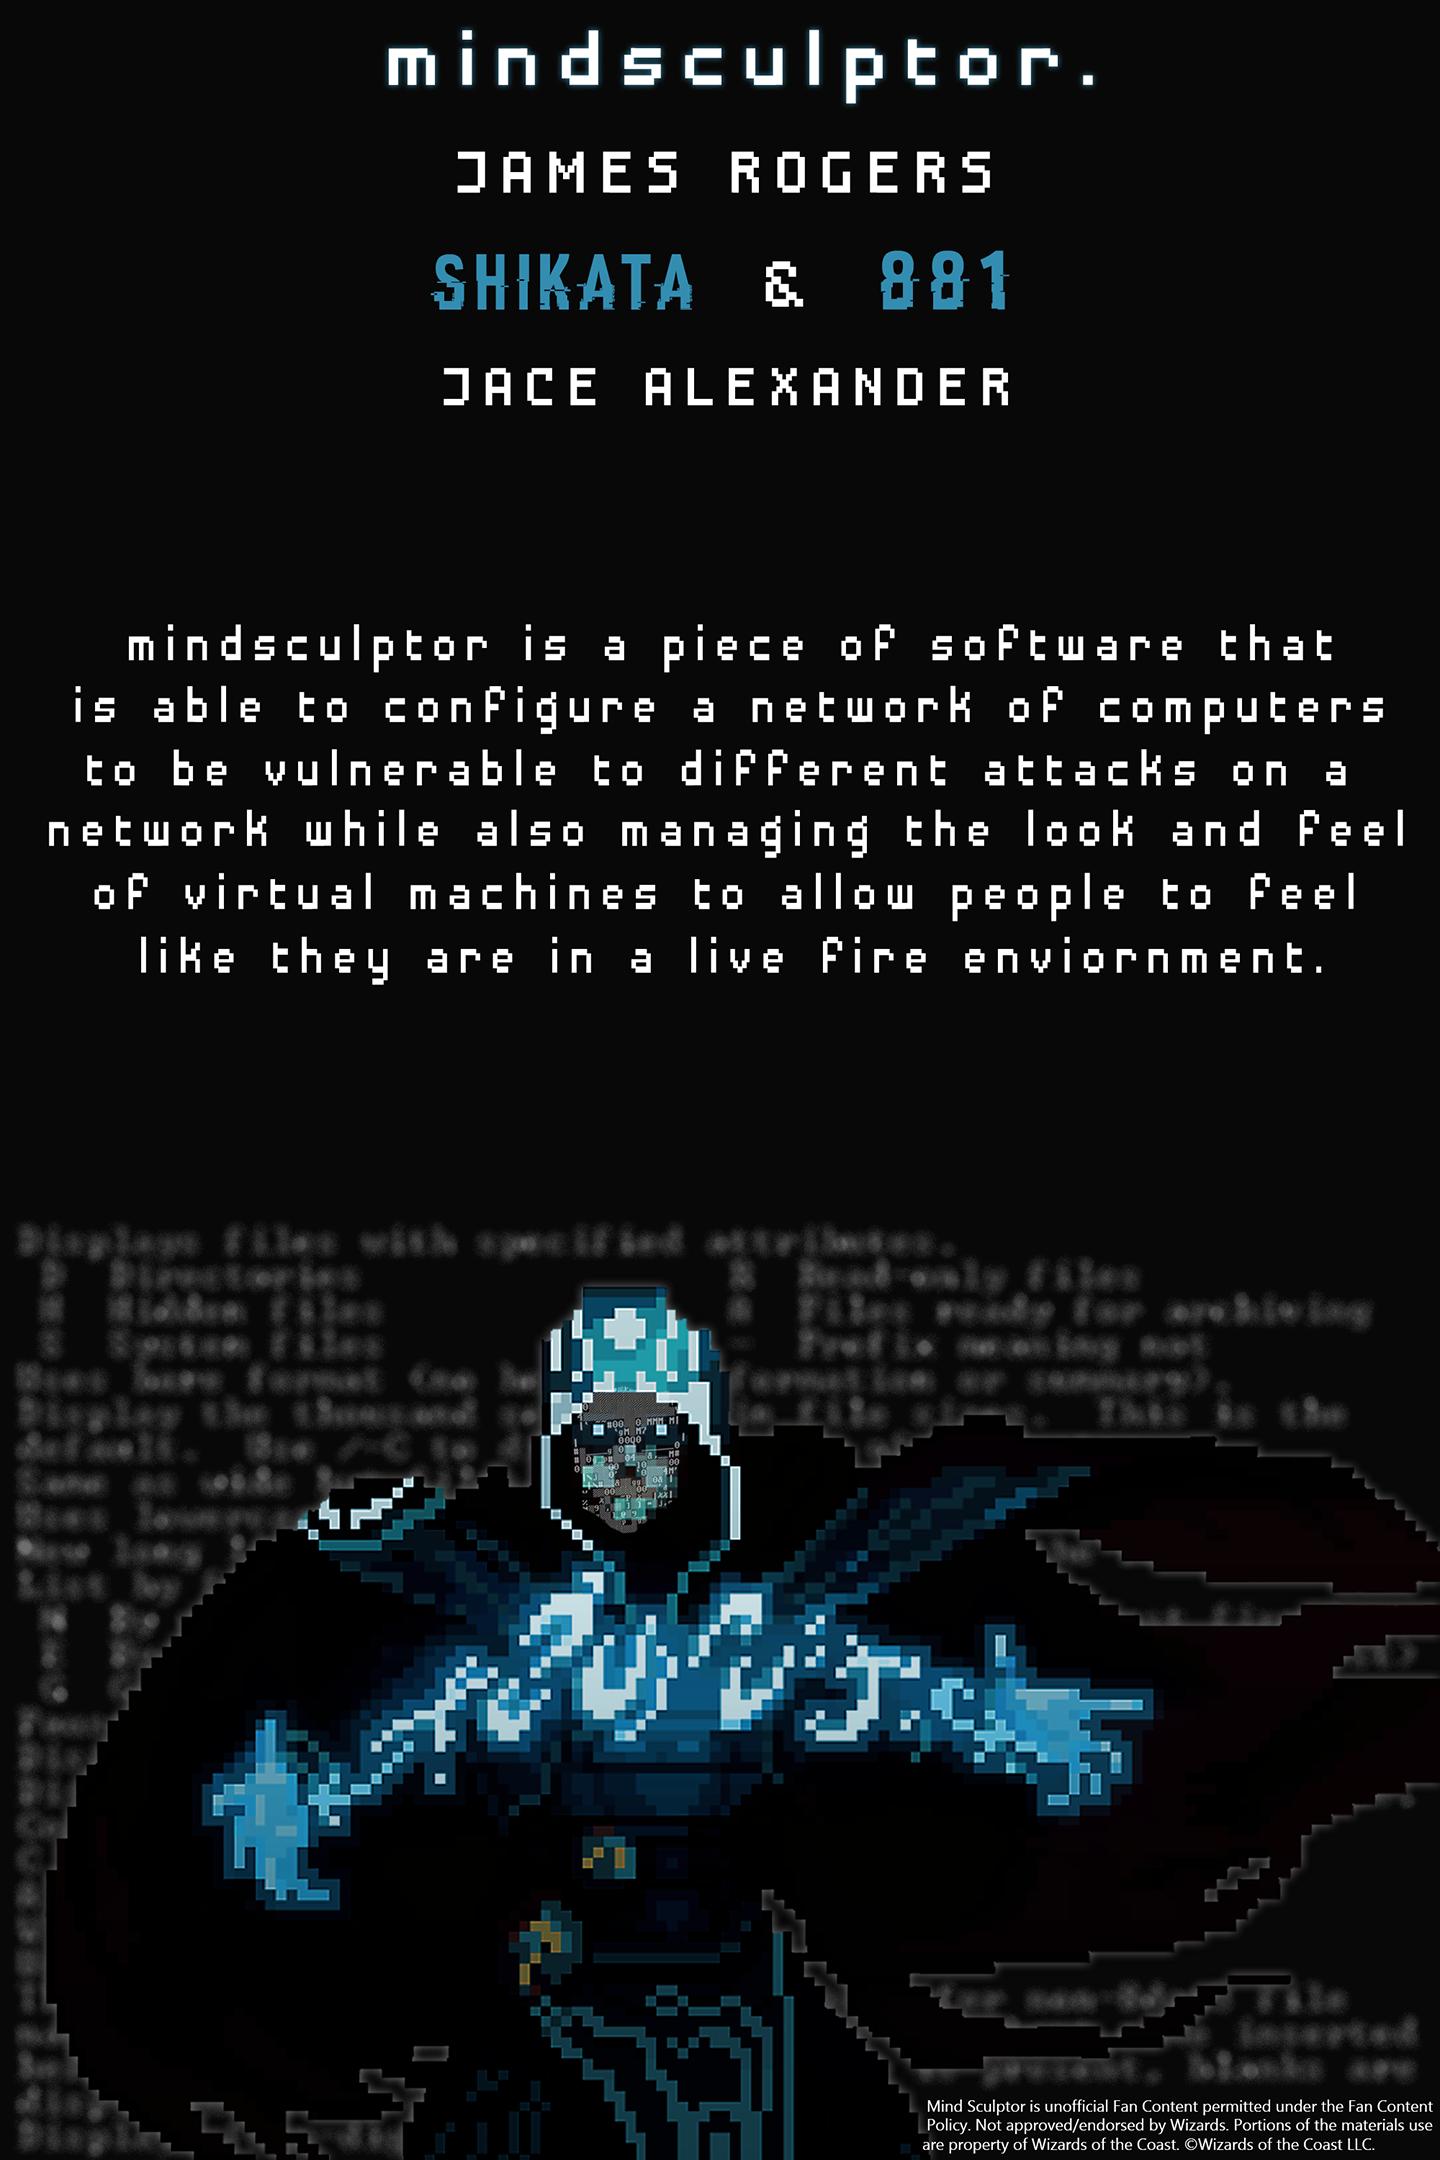 Jace_Alexander_MindSculptor-poster